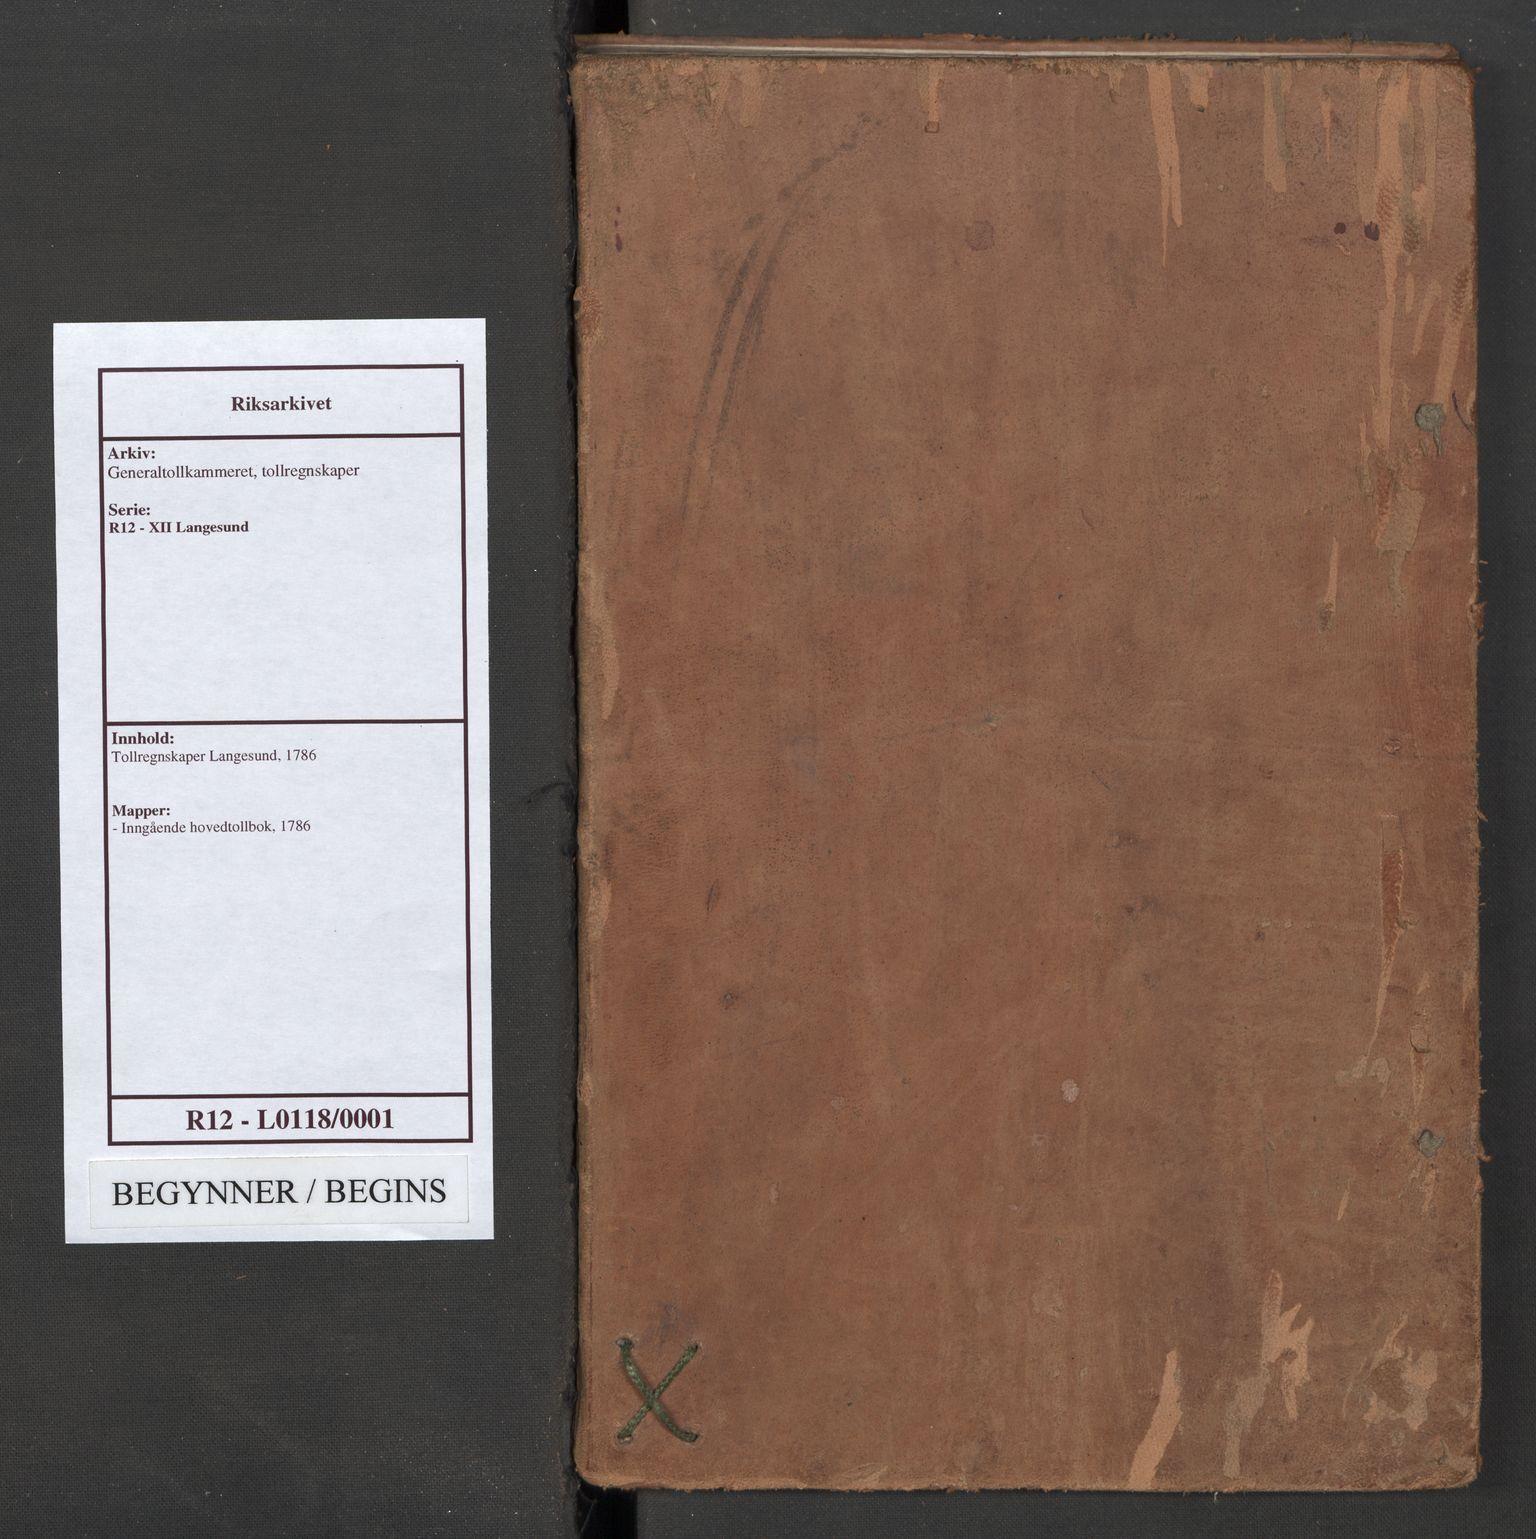 RA, Generaltollkammeret, tollregnskaper, R12/L0118: Tollregnskaper Langesund, 1786